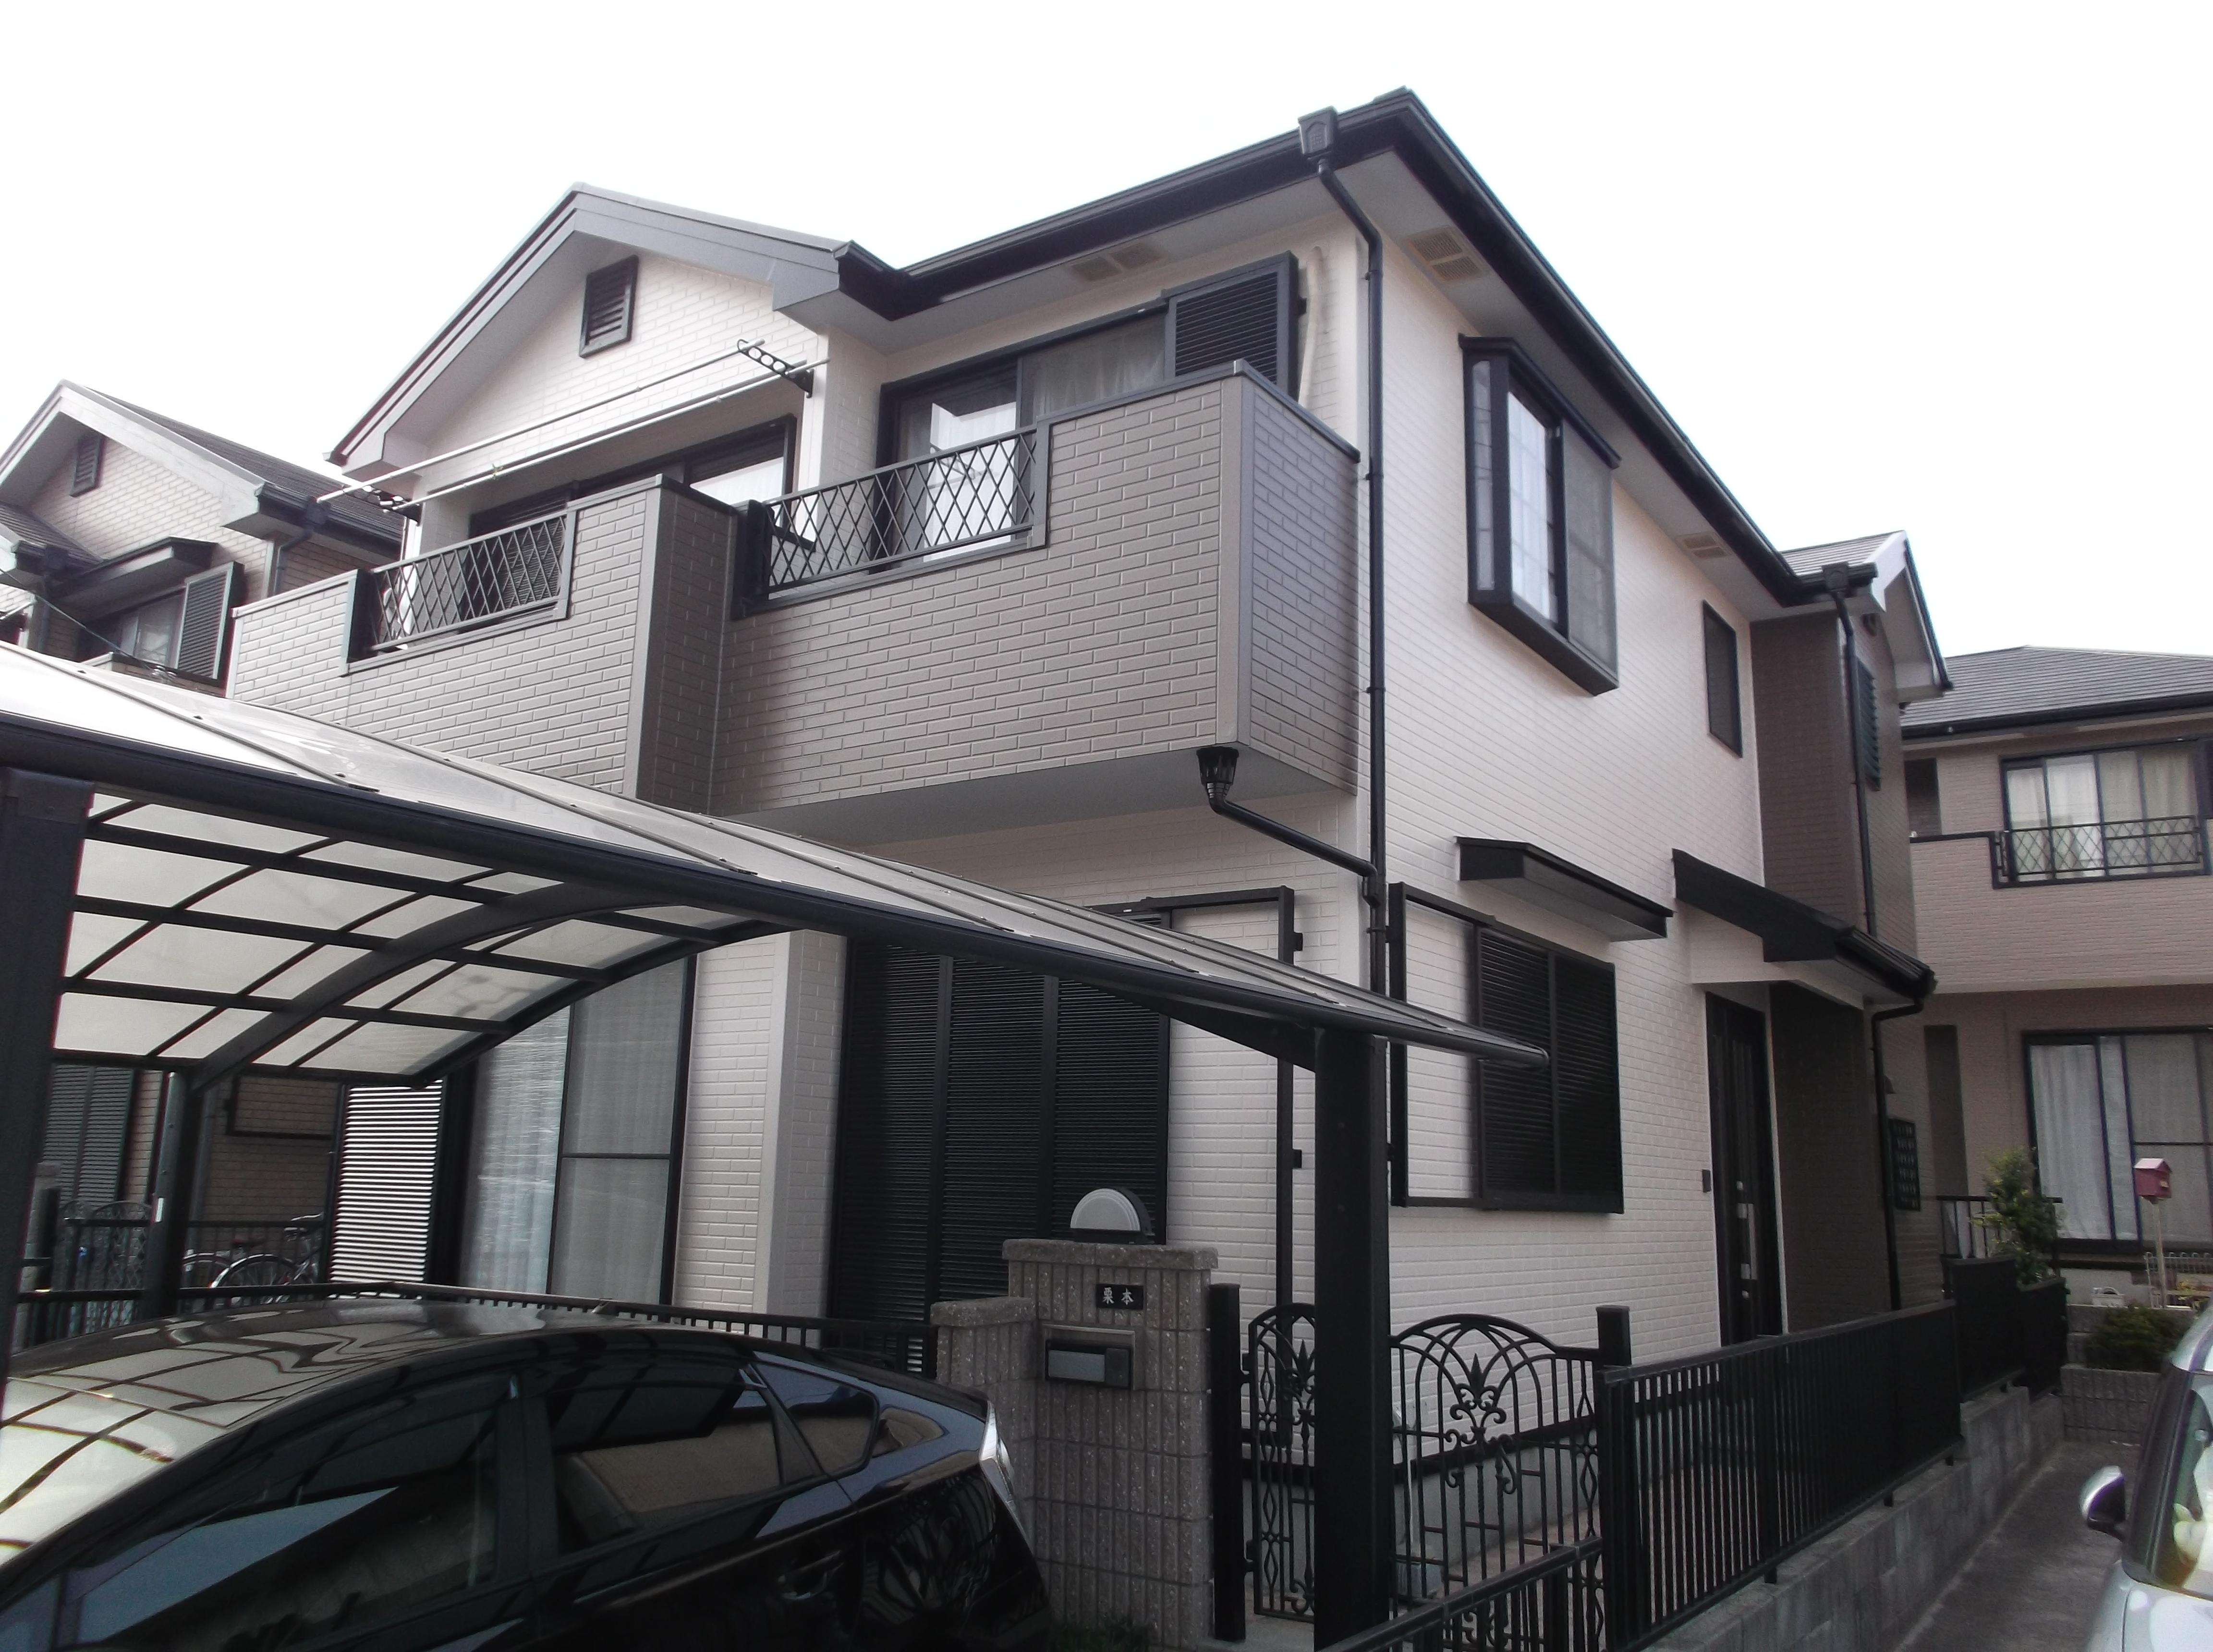 愛知県半田市のK様邸、外壁・屋根塗装工事をご紹介させていただきます。 築13年とゆう段階での塗装の...